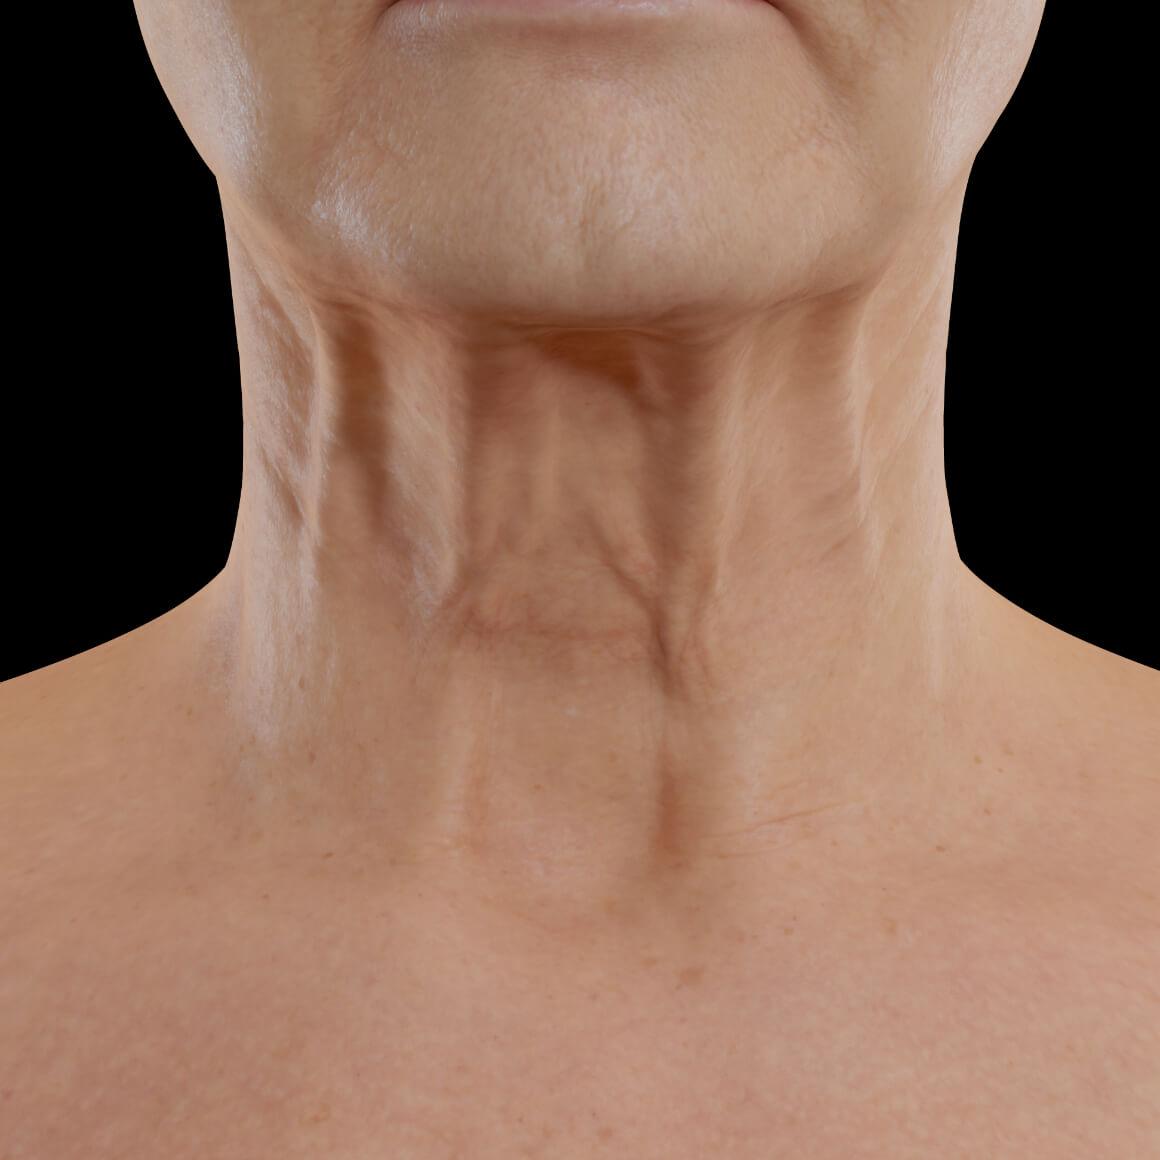 Patiente de la Clinique Chloé positionnée de face ayant des rides et des cordes platysmales apparentes dans la région du cou